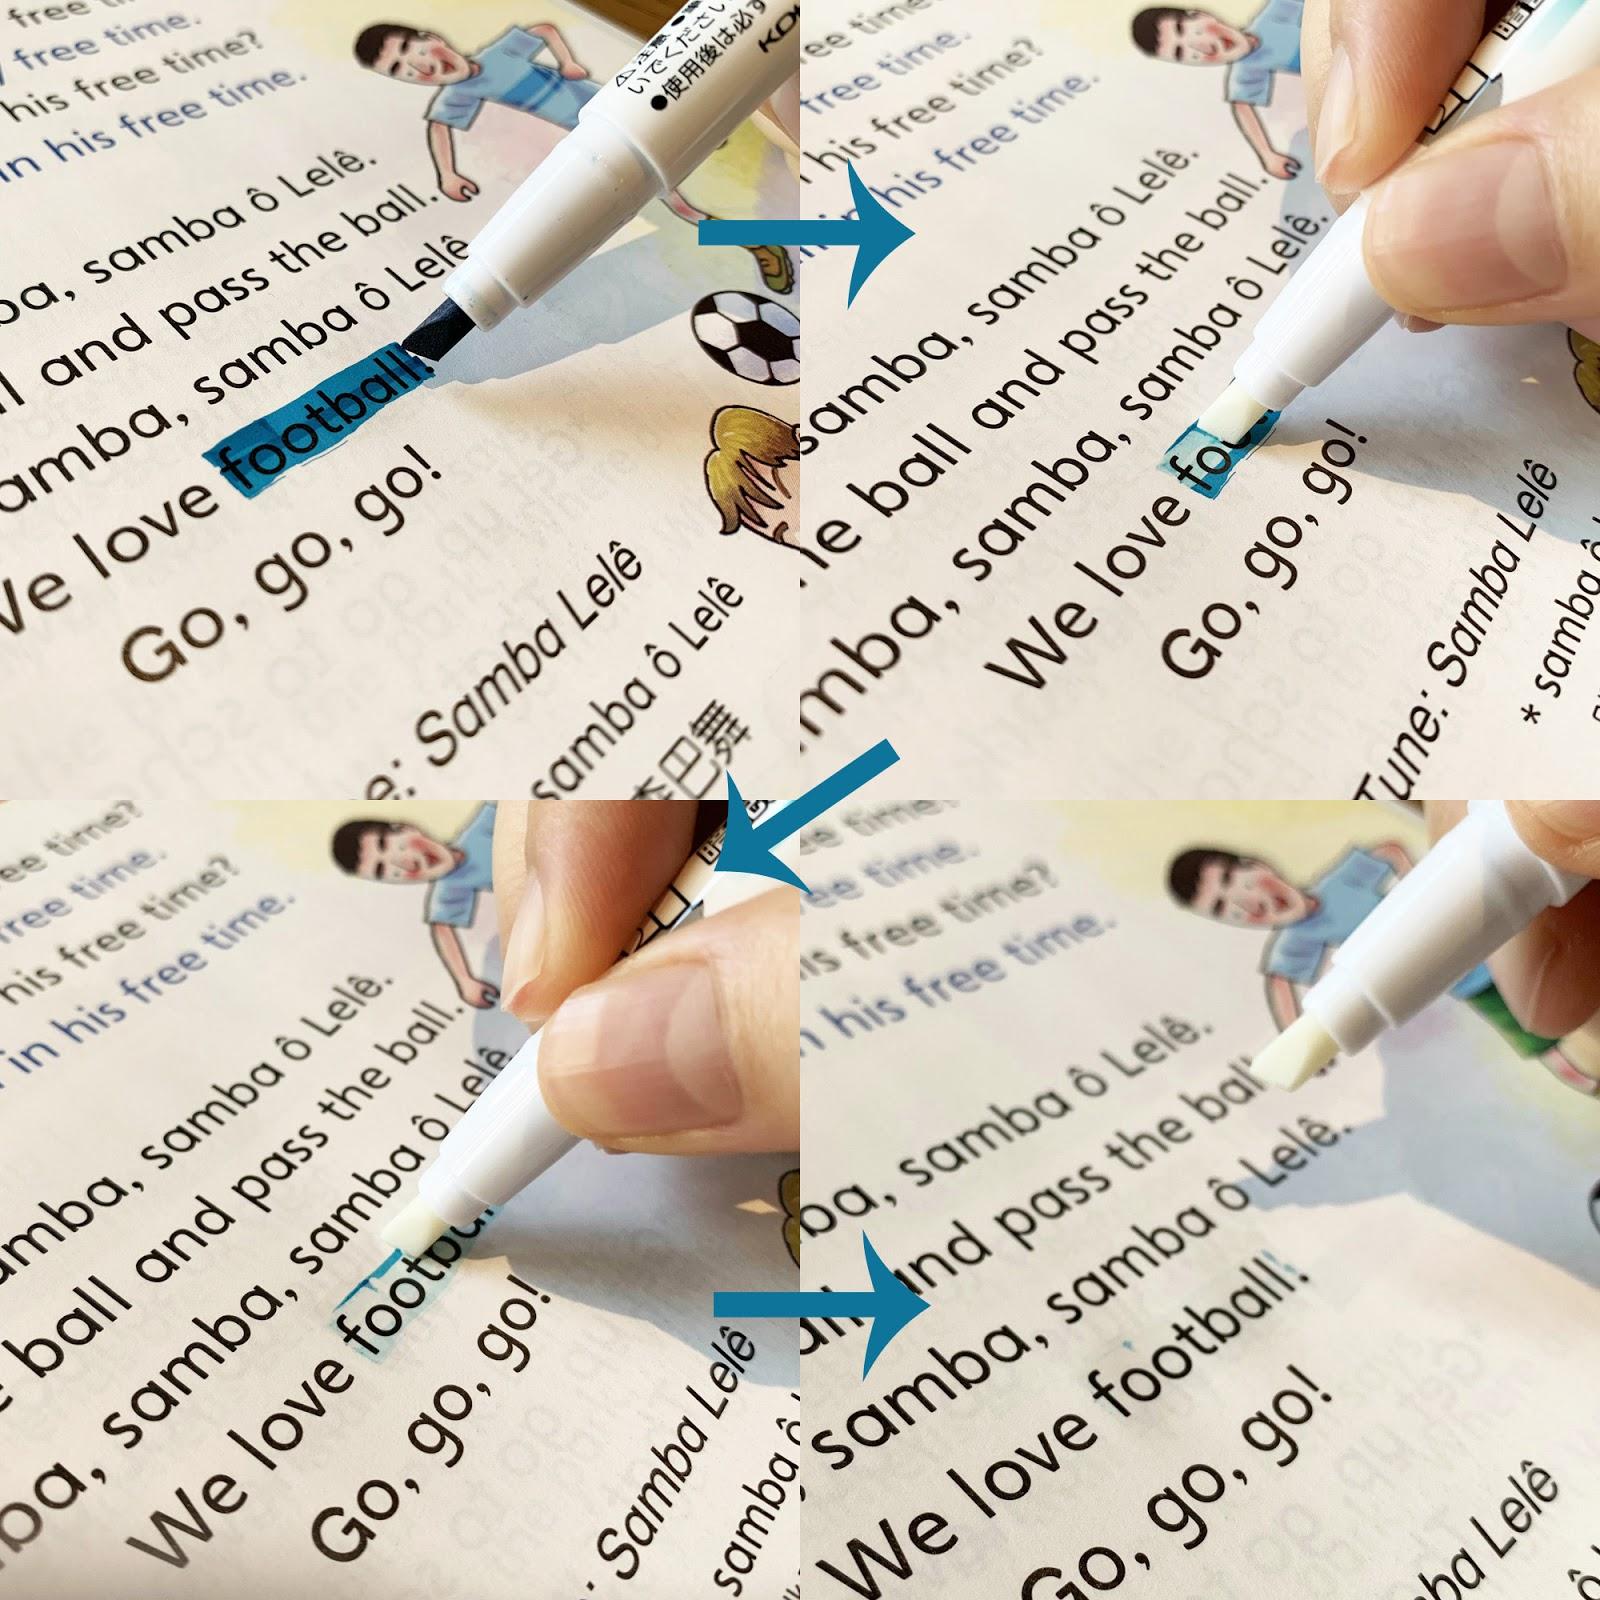 大頭金♥小愛玉♥文具戀 : 【日本KOKUYO 開箱文】聰明暗記螢光筆+Checkle 暗記筆 標示或消去 隨心所欲